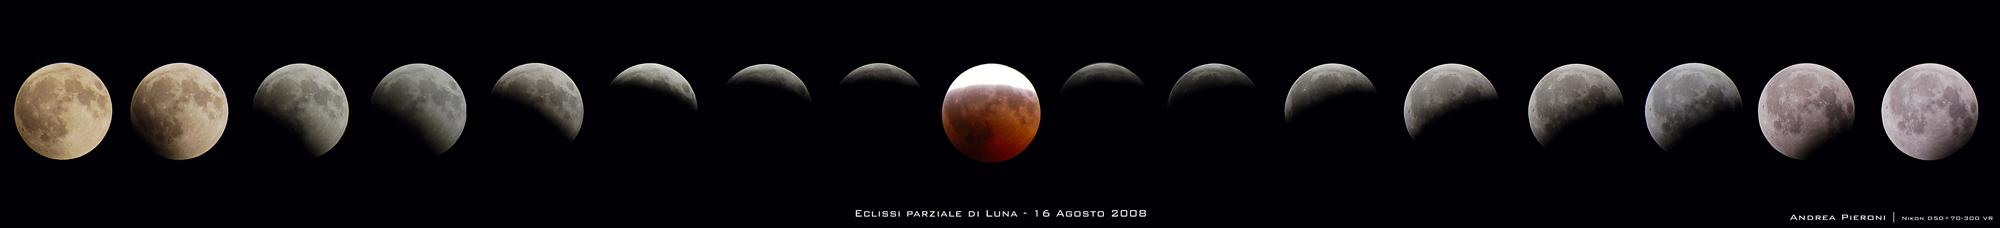 Fasi dell'eclissi lunare del 16 Agosto 2008